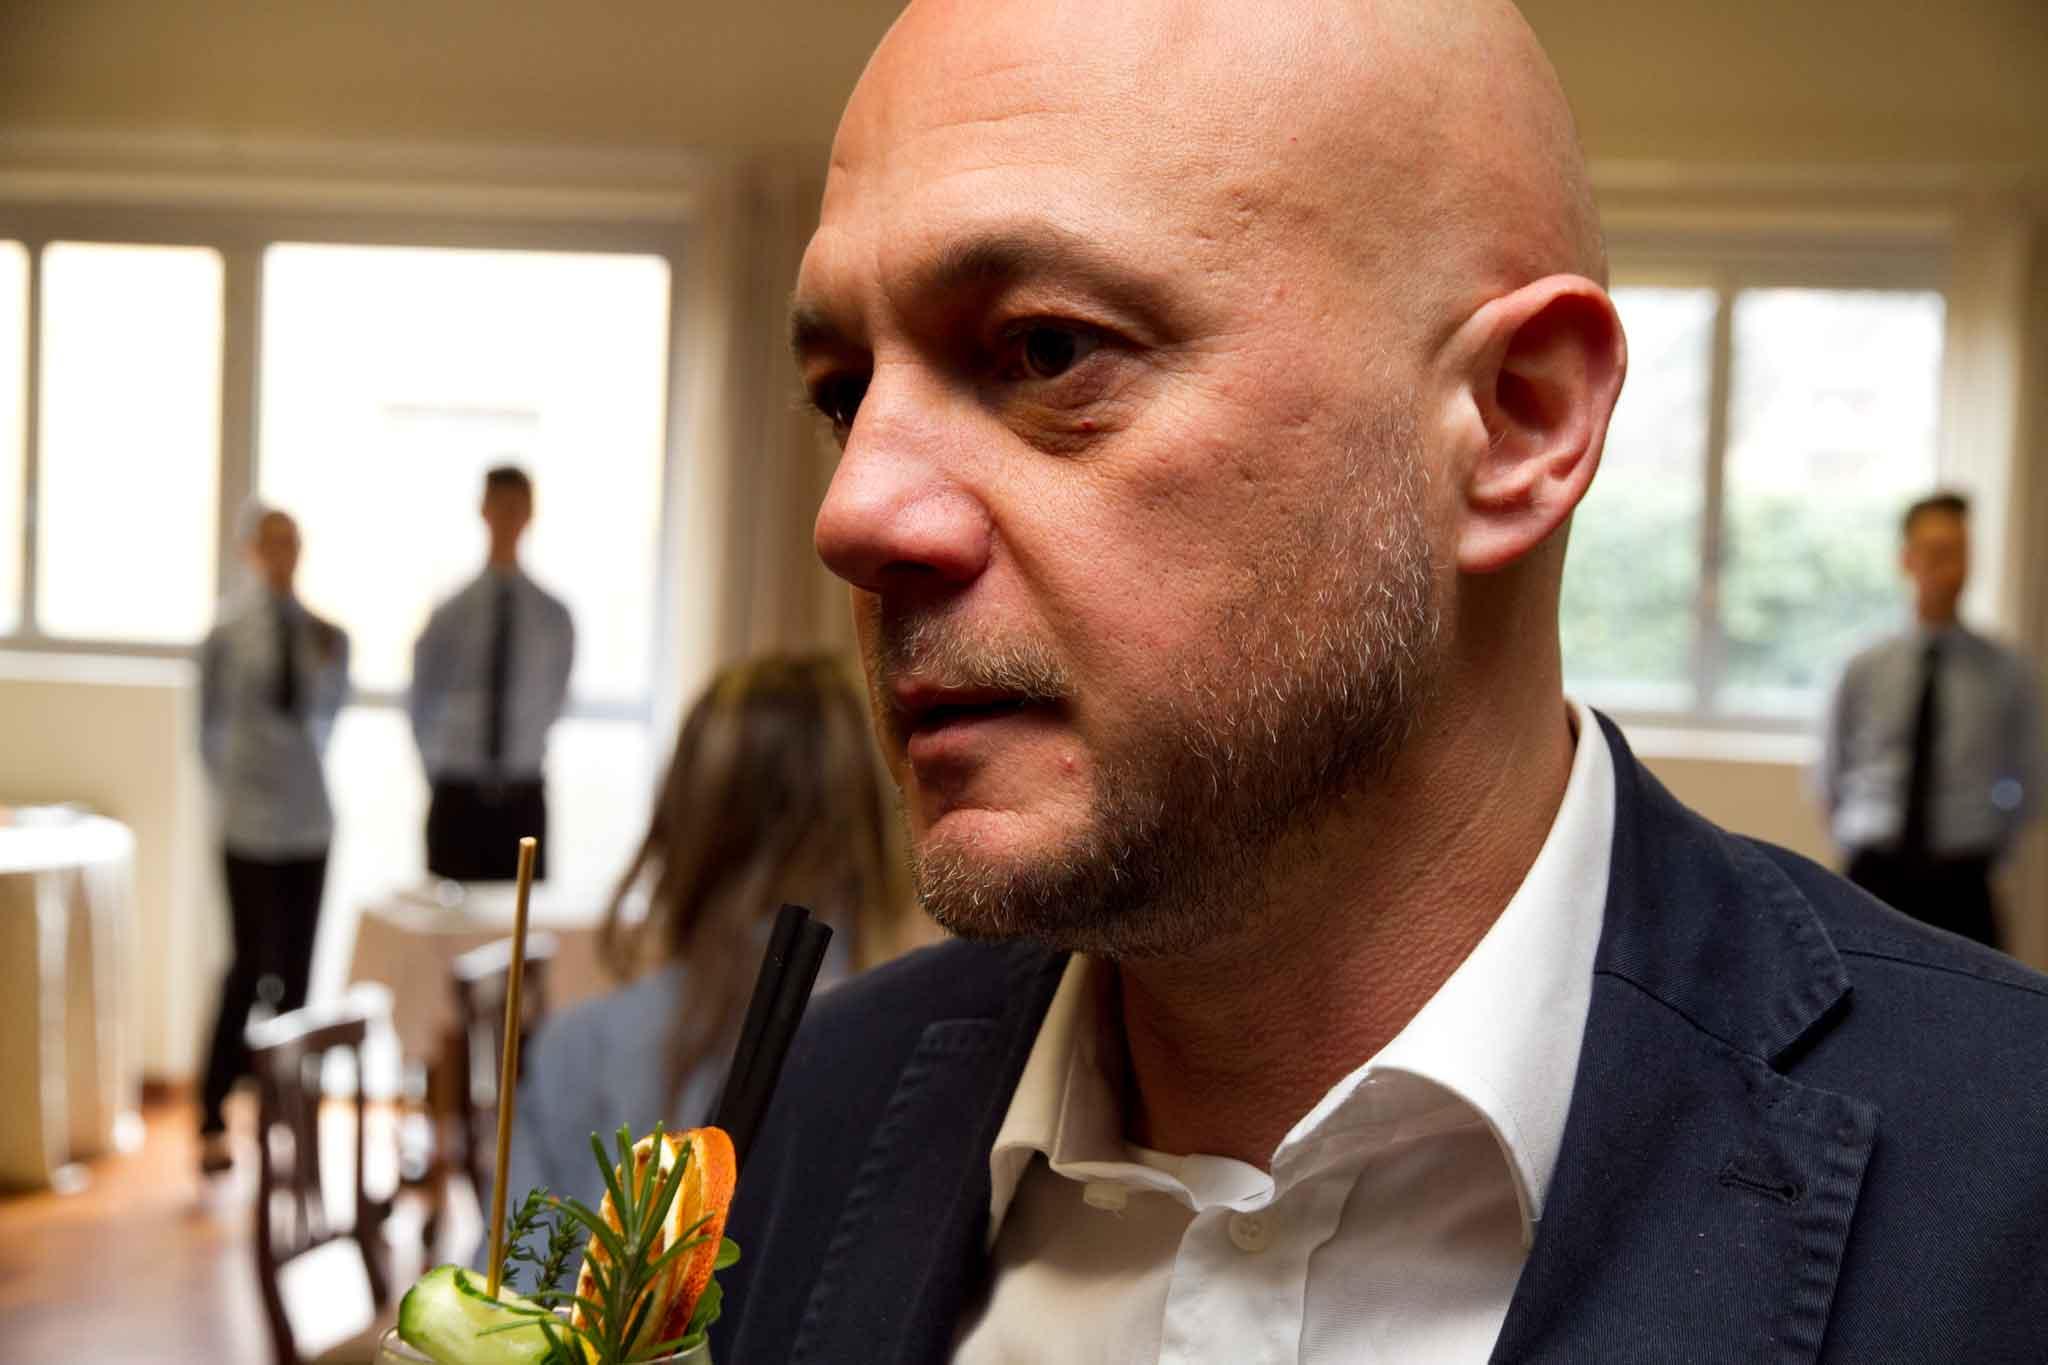 Ha rilasciato un intervista a Valerio M. Visintin che ha messo tutto nero  su bianco in un articolo che sintetizza i malesseri della ristorazione  italiana. 98d6ef0f9d16